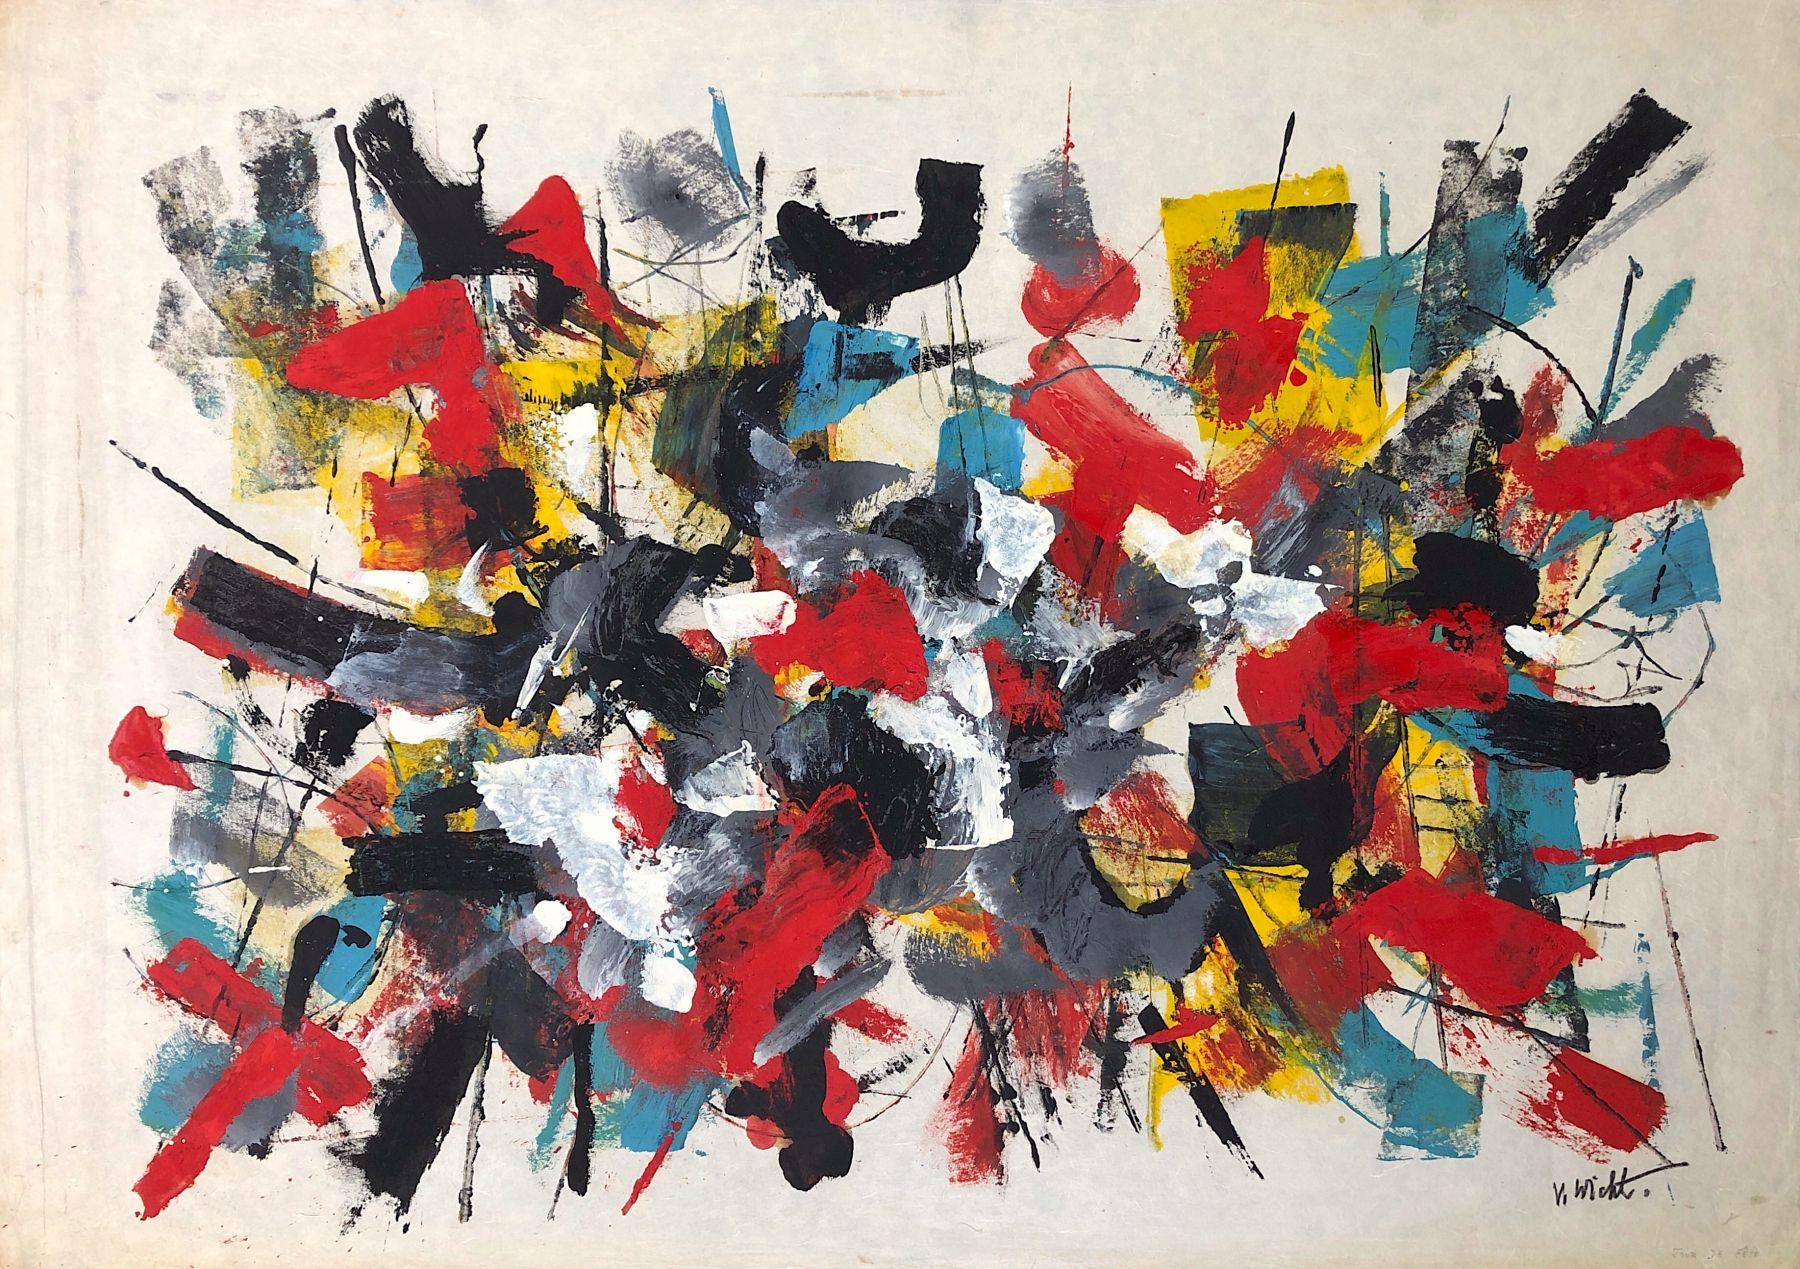 John Von Wicht untitled mixed media work on paper #VoJo127.